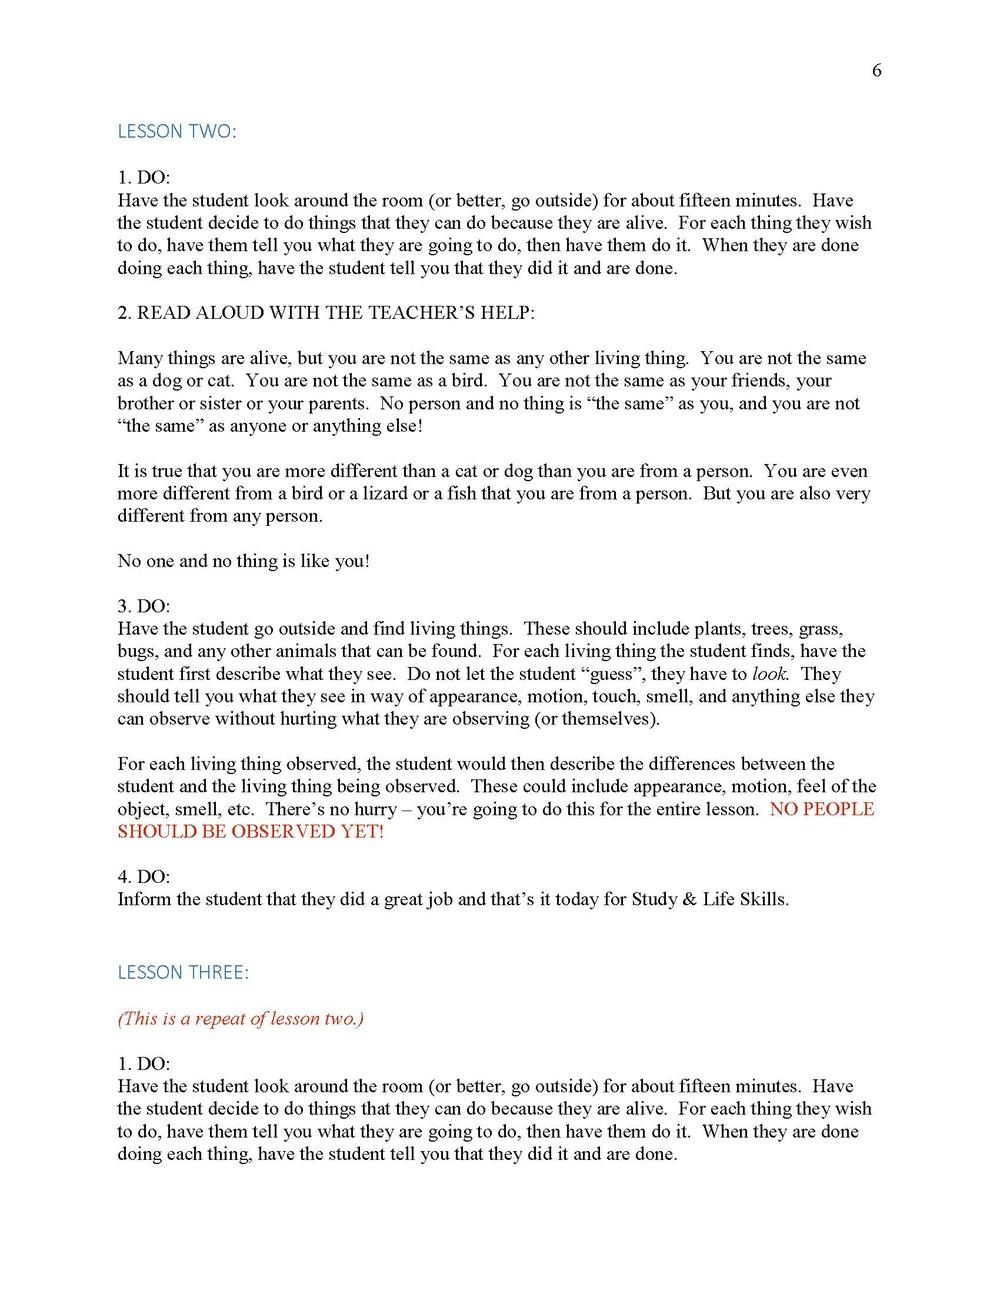 Step 1 Study & Life Skills 8 - Your Life_Page_07.jpg